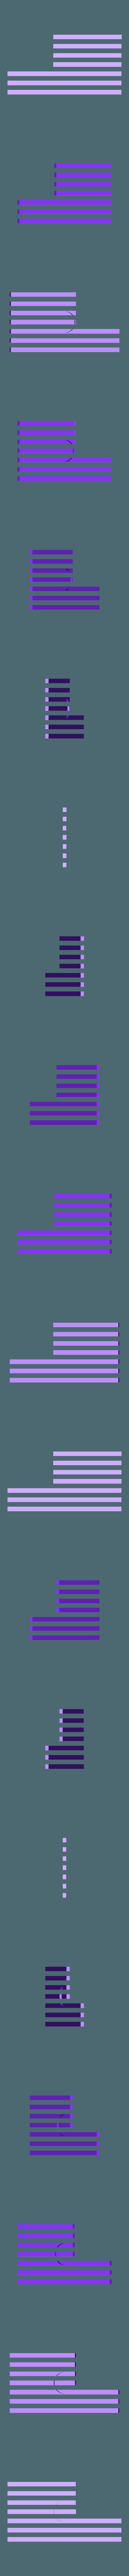 US_Flag_v2-red-multicolor.stl Download free STL file Remix: US Flag Refrigerator Magnet (Multicolor) • 3D printing template, lowboydrvr